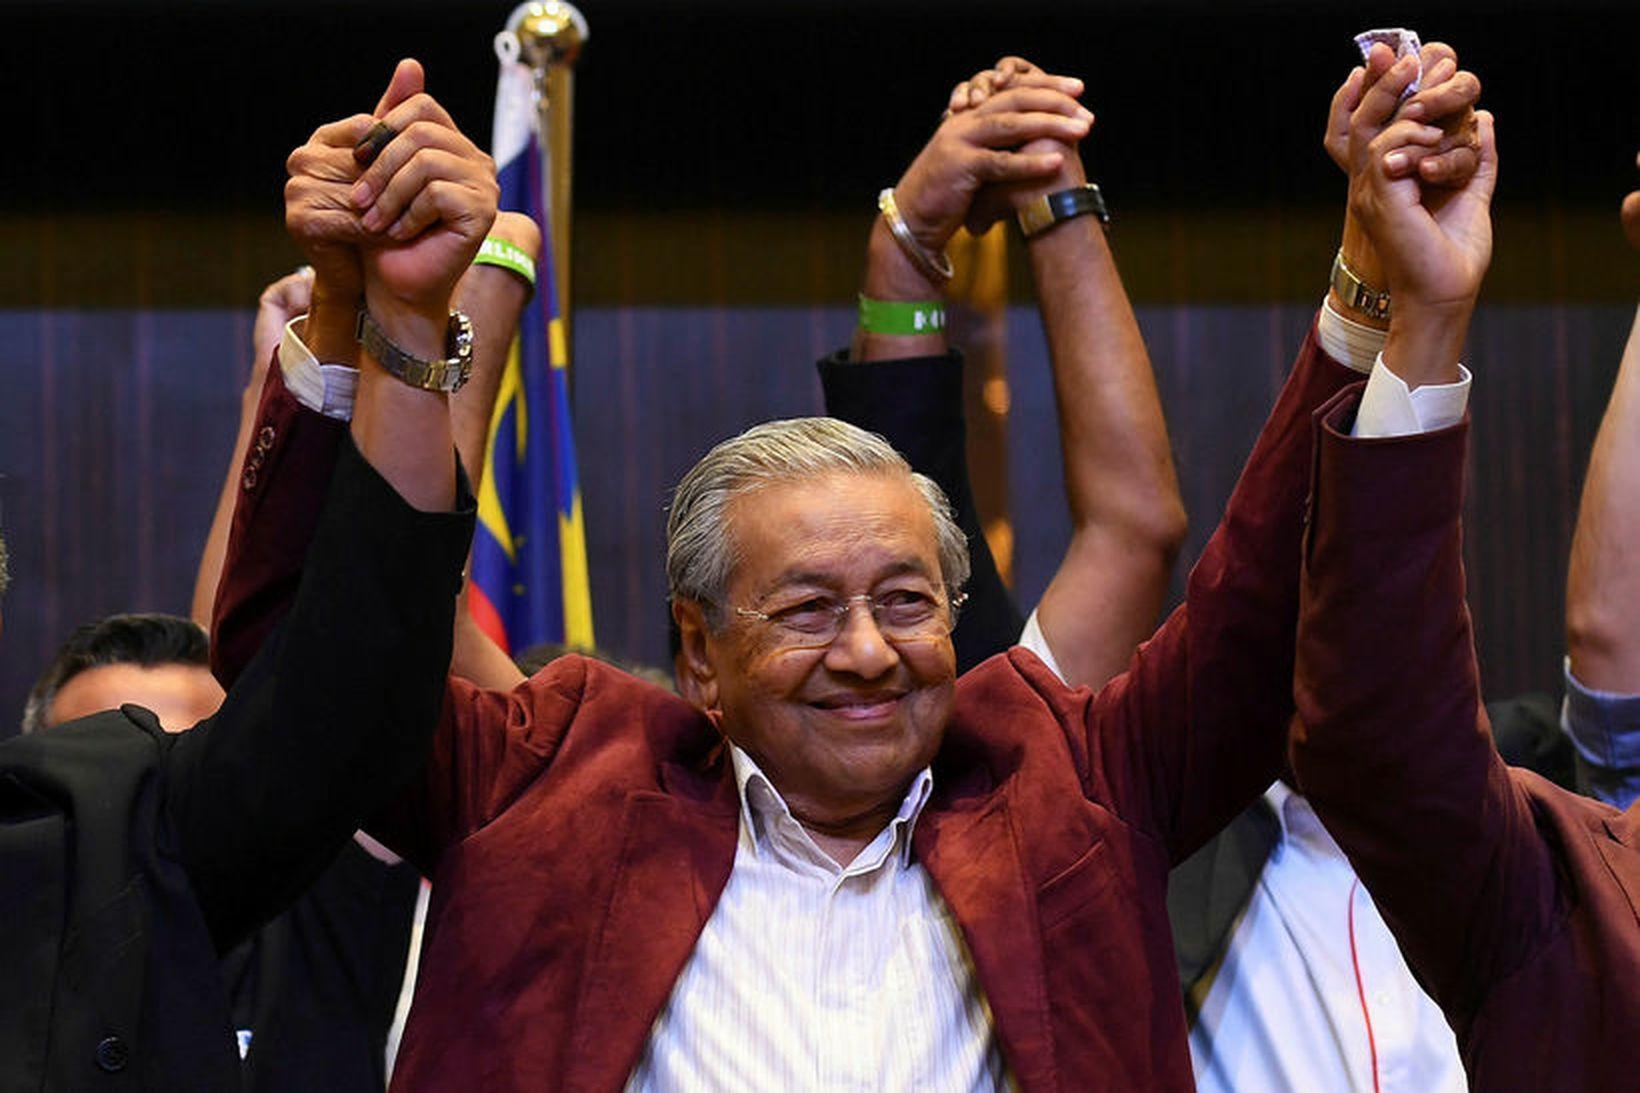 Mahathir Mohamad lét af embætti forsætisráðherra Malasíu fyrr á árinu.